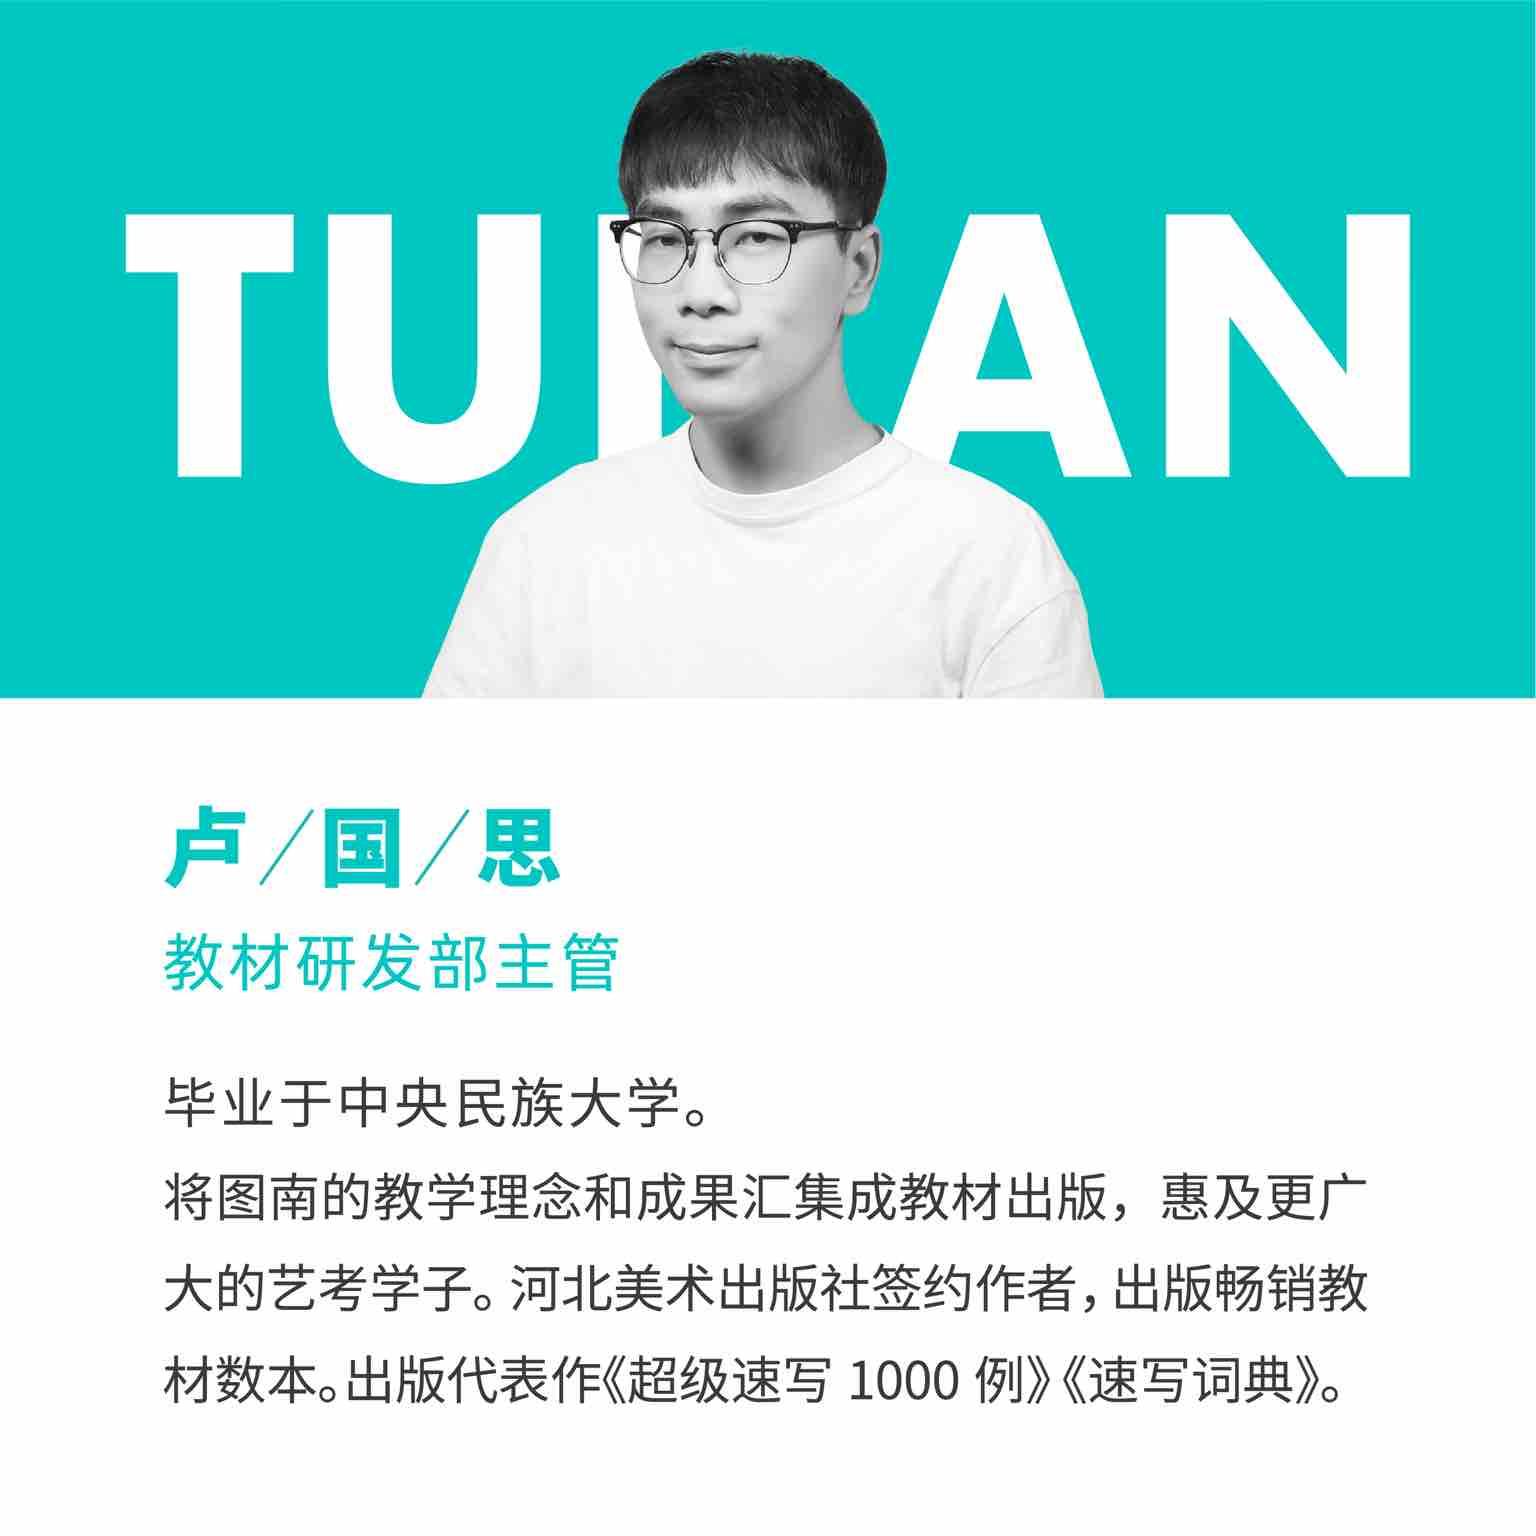 图南--卢国思